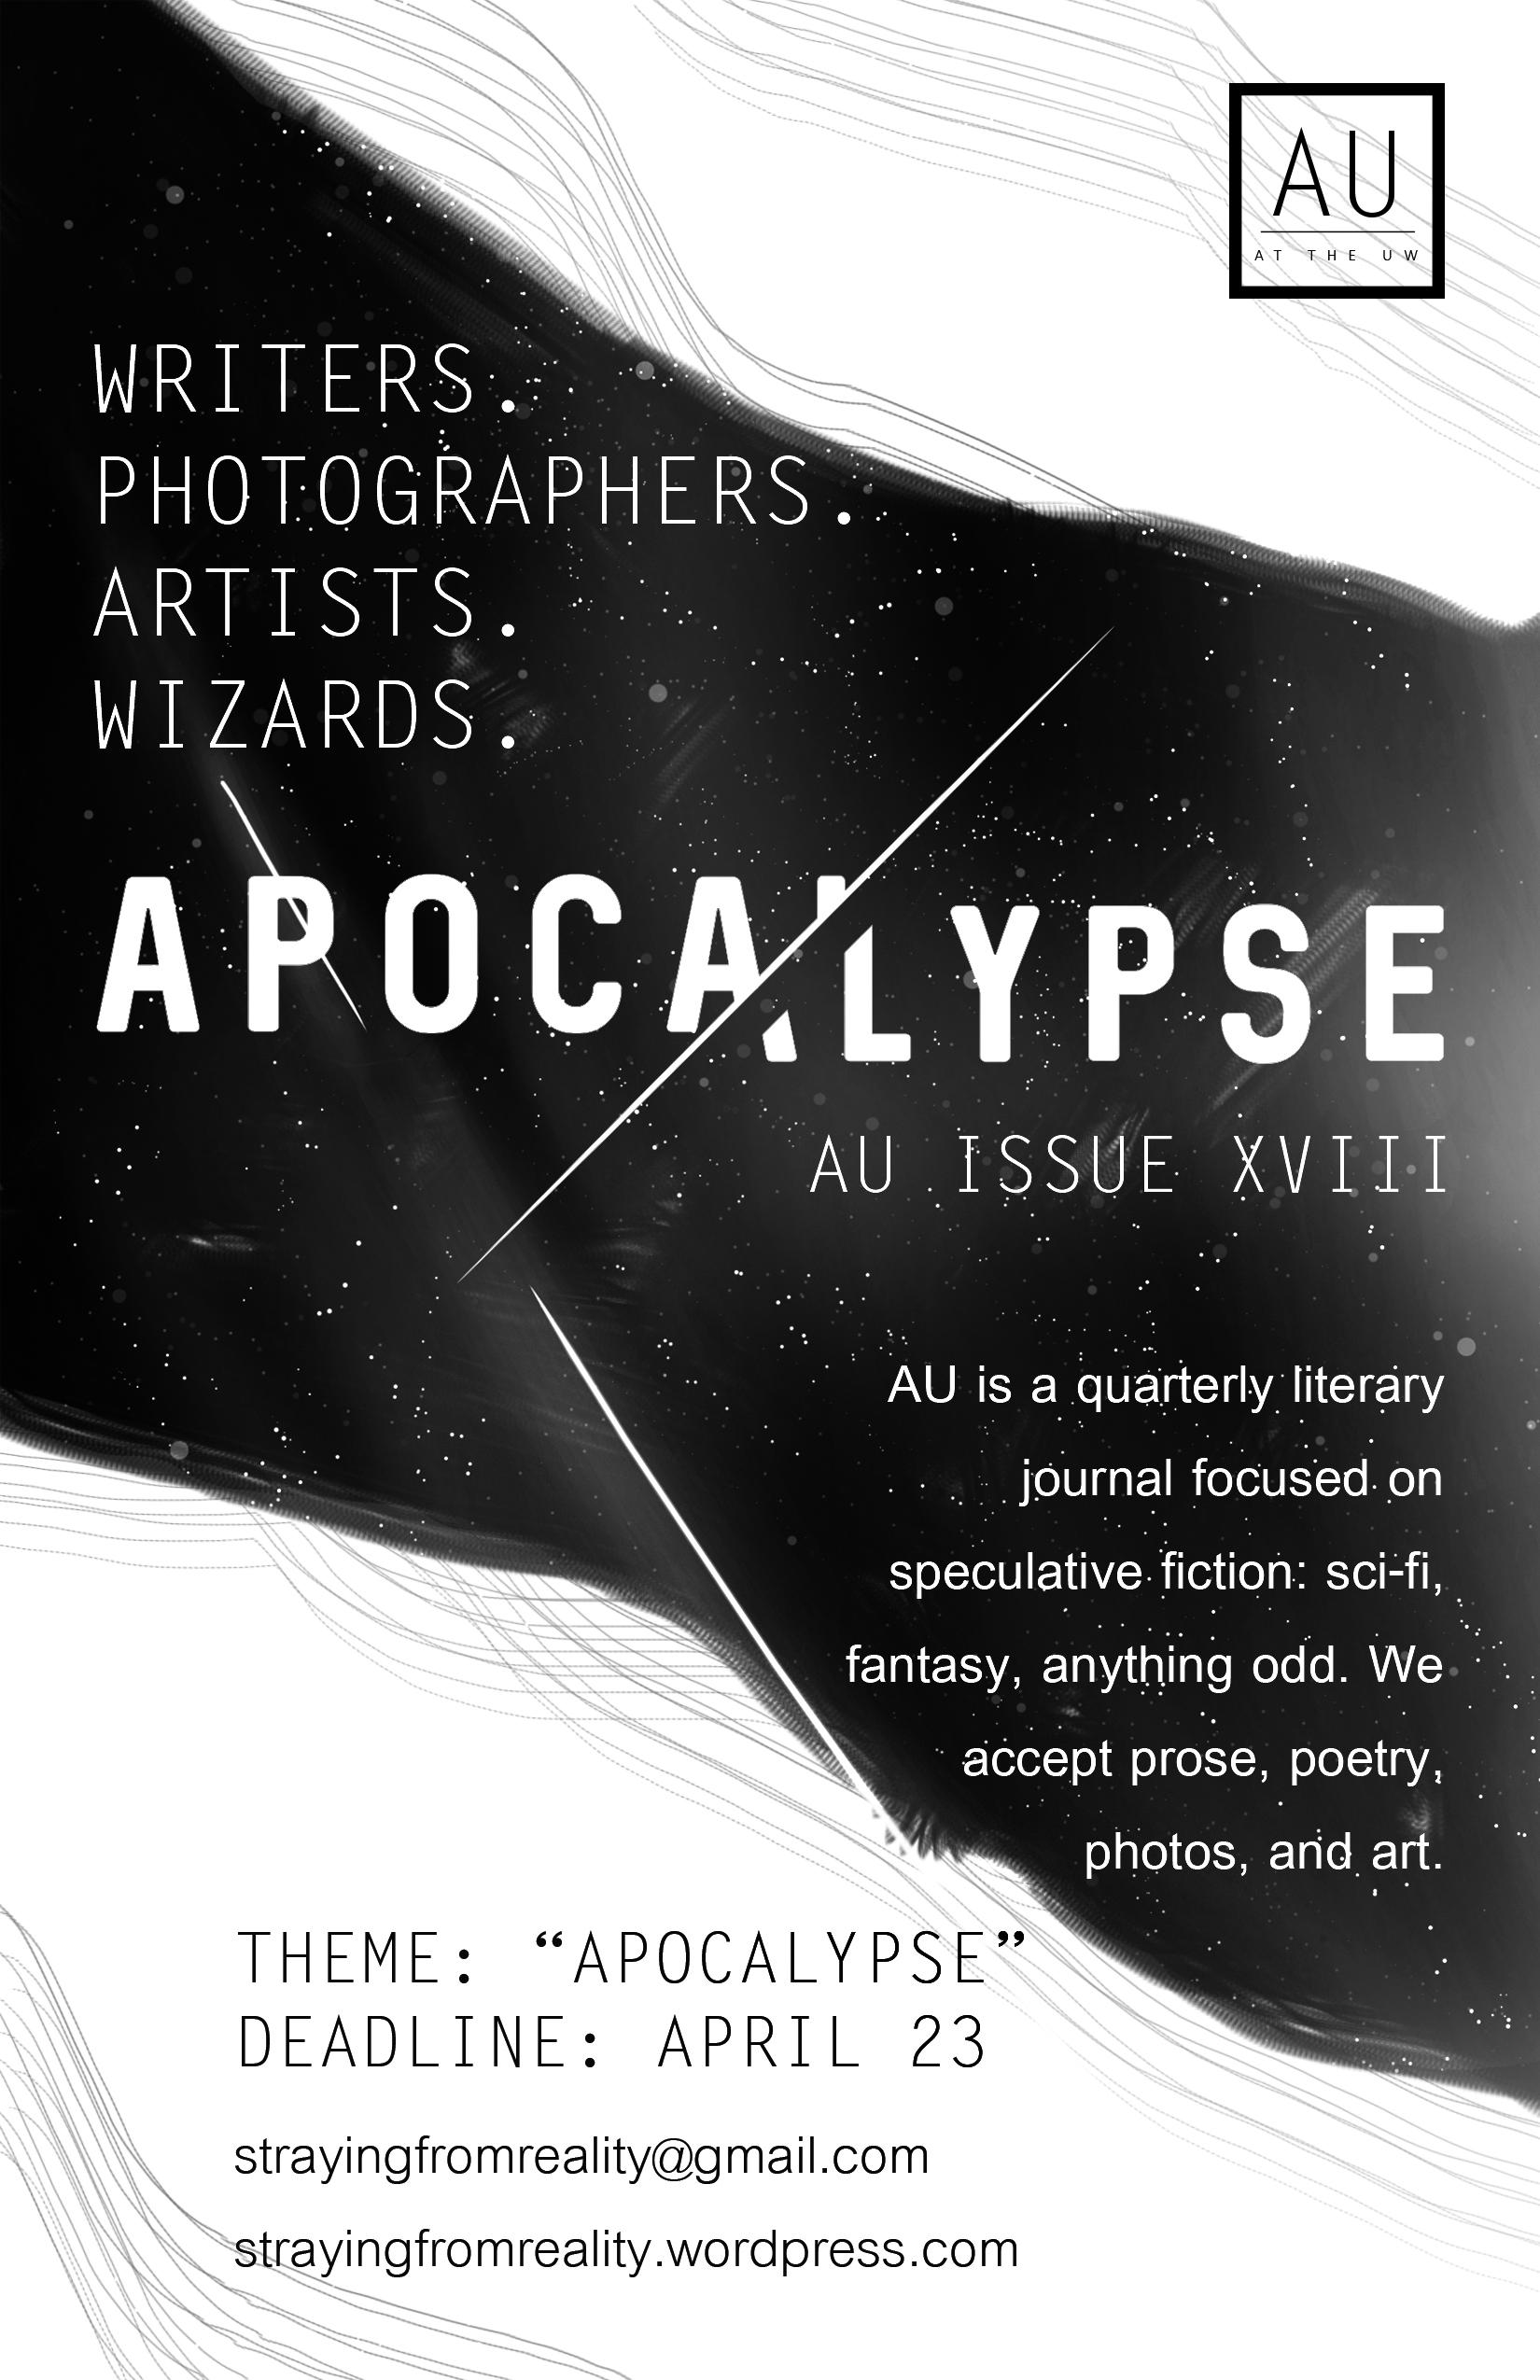 Issue XVIII Flyer: Apocalypse